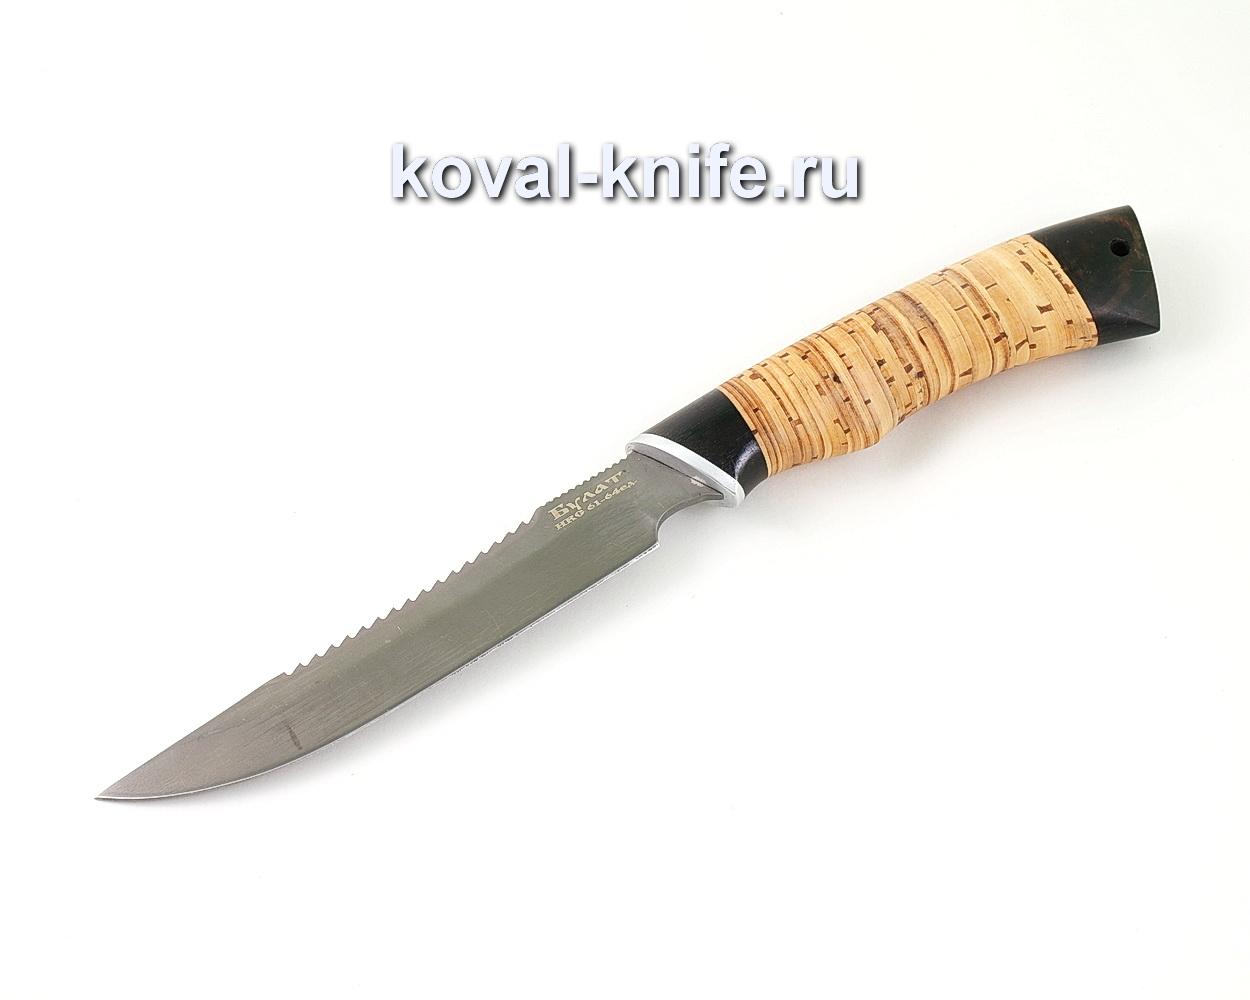 Нож из булатной стали Рыбацкий (Легированный булат, рукоять береста и граб) A467